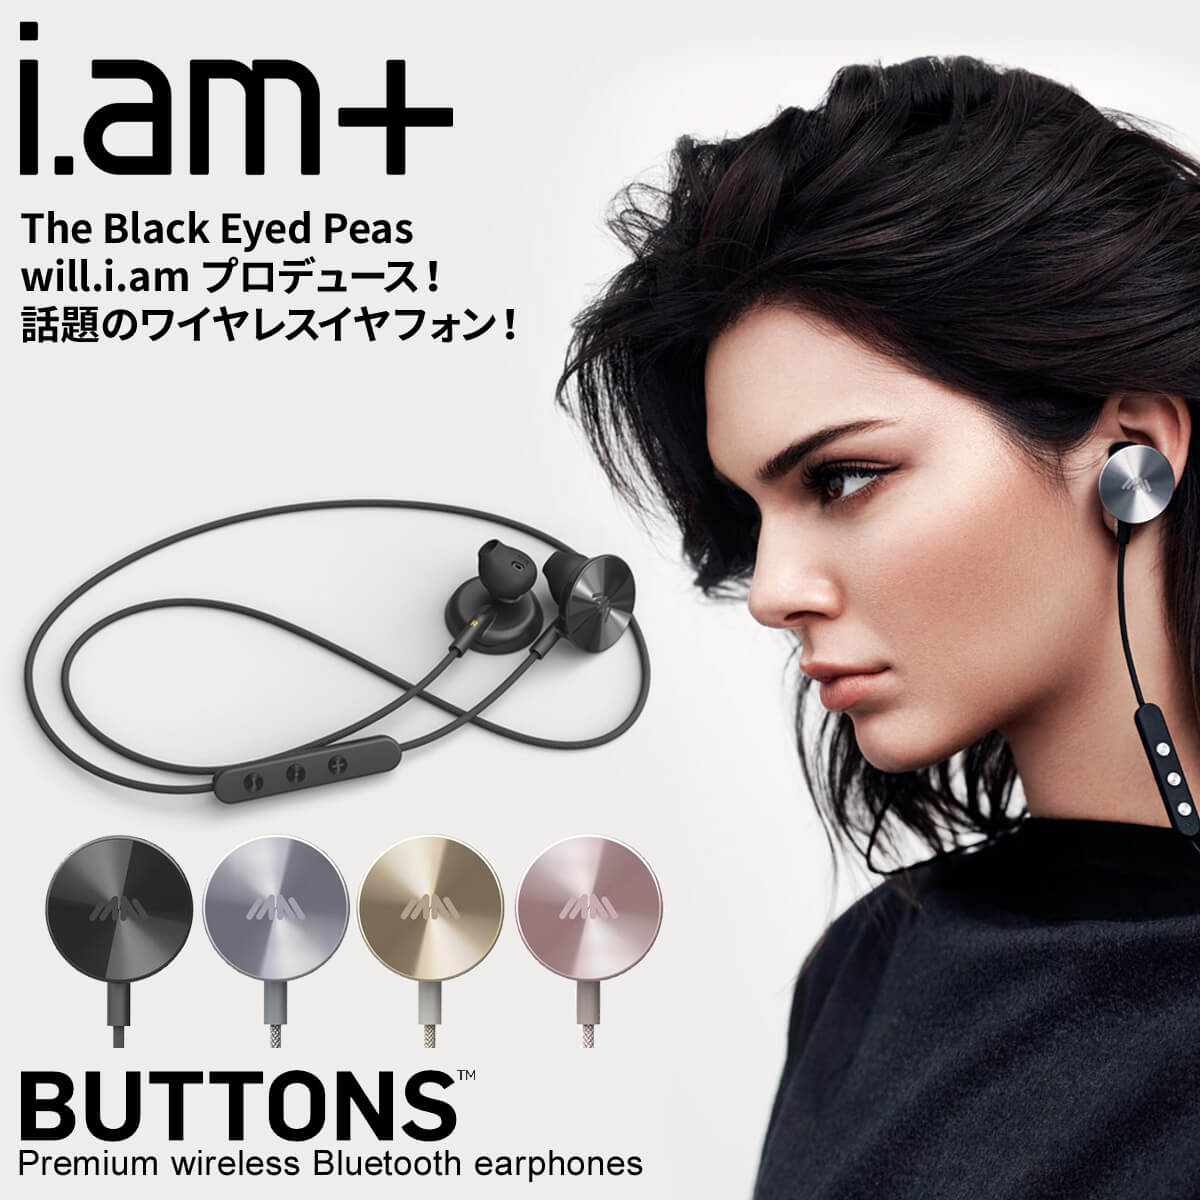 i.am+ イヤホン ワイヤレス Bluetooth アイアムプラス BUTTONS will.i.am ウィルアイアム プロデュース ブルートゥース イヤフォン ヘッドセット メンズ レディース 【決算セール 返品不可】